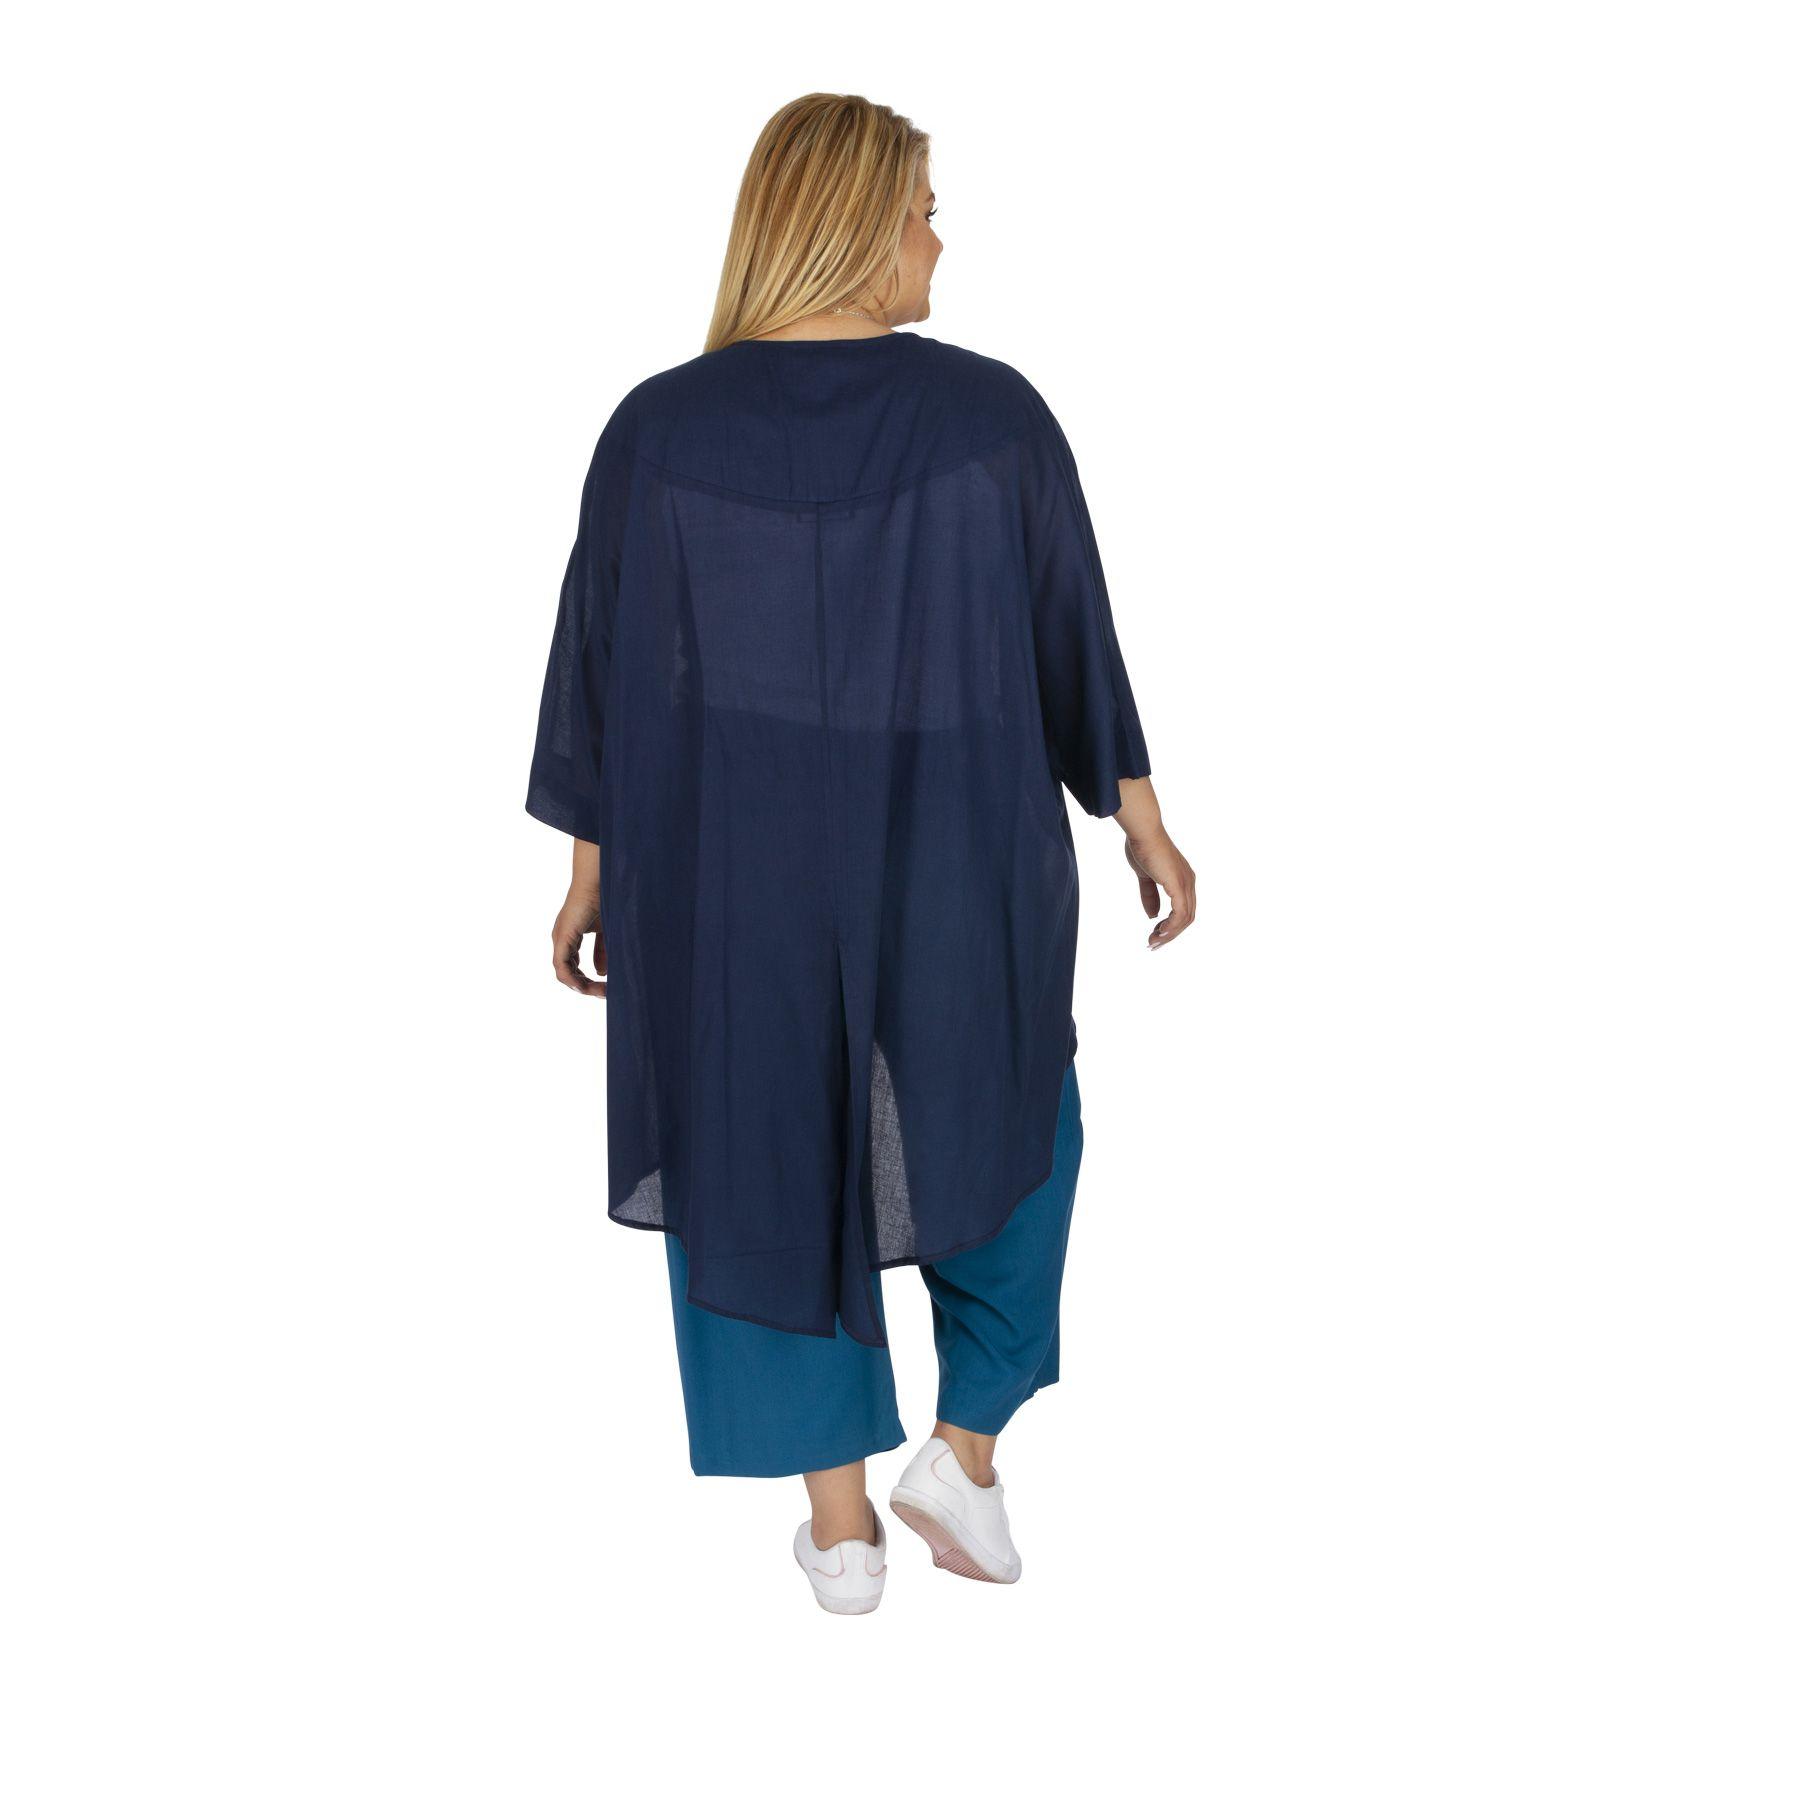 Veste été grande taille femme unie bleu marine Altené